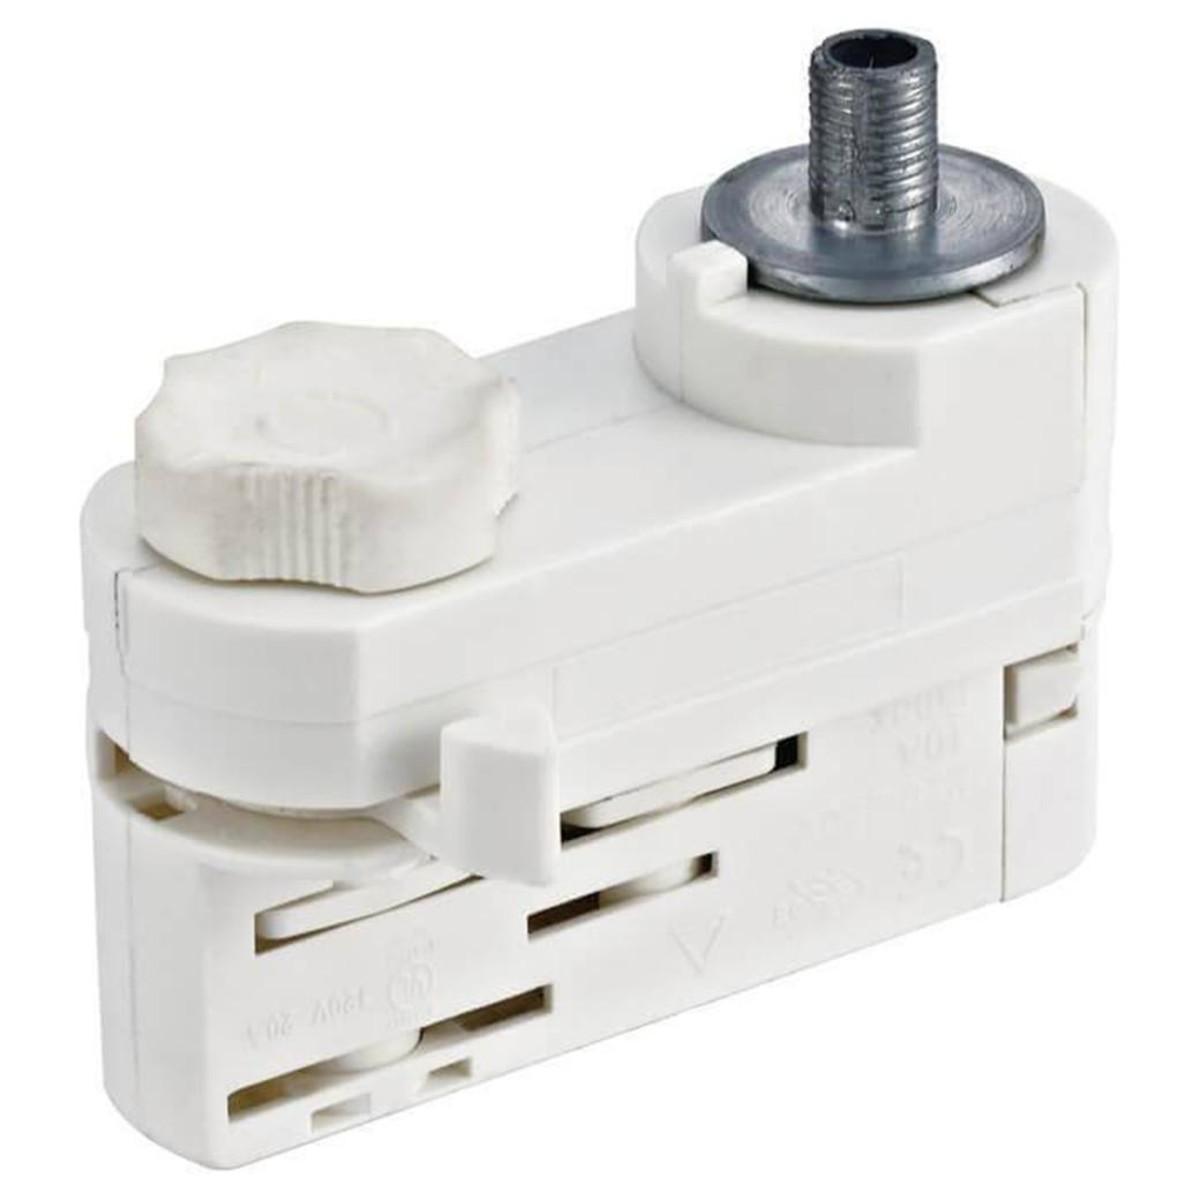 Адаптер для трехфазного шинопровода Uniel UBX-A 09789 пластик